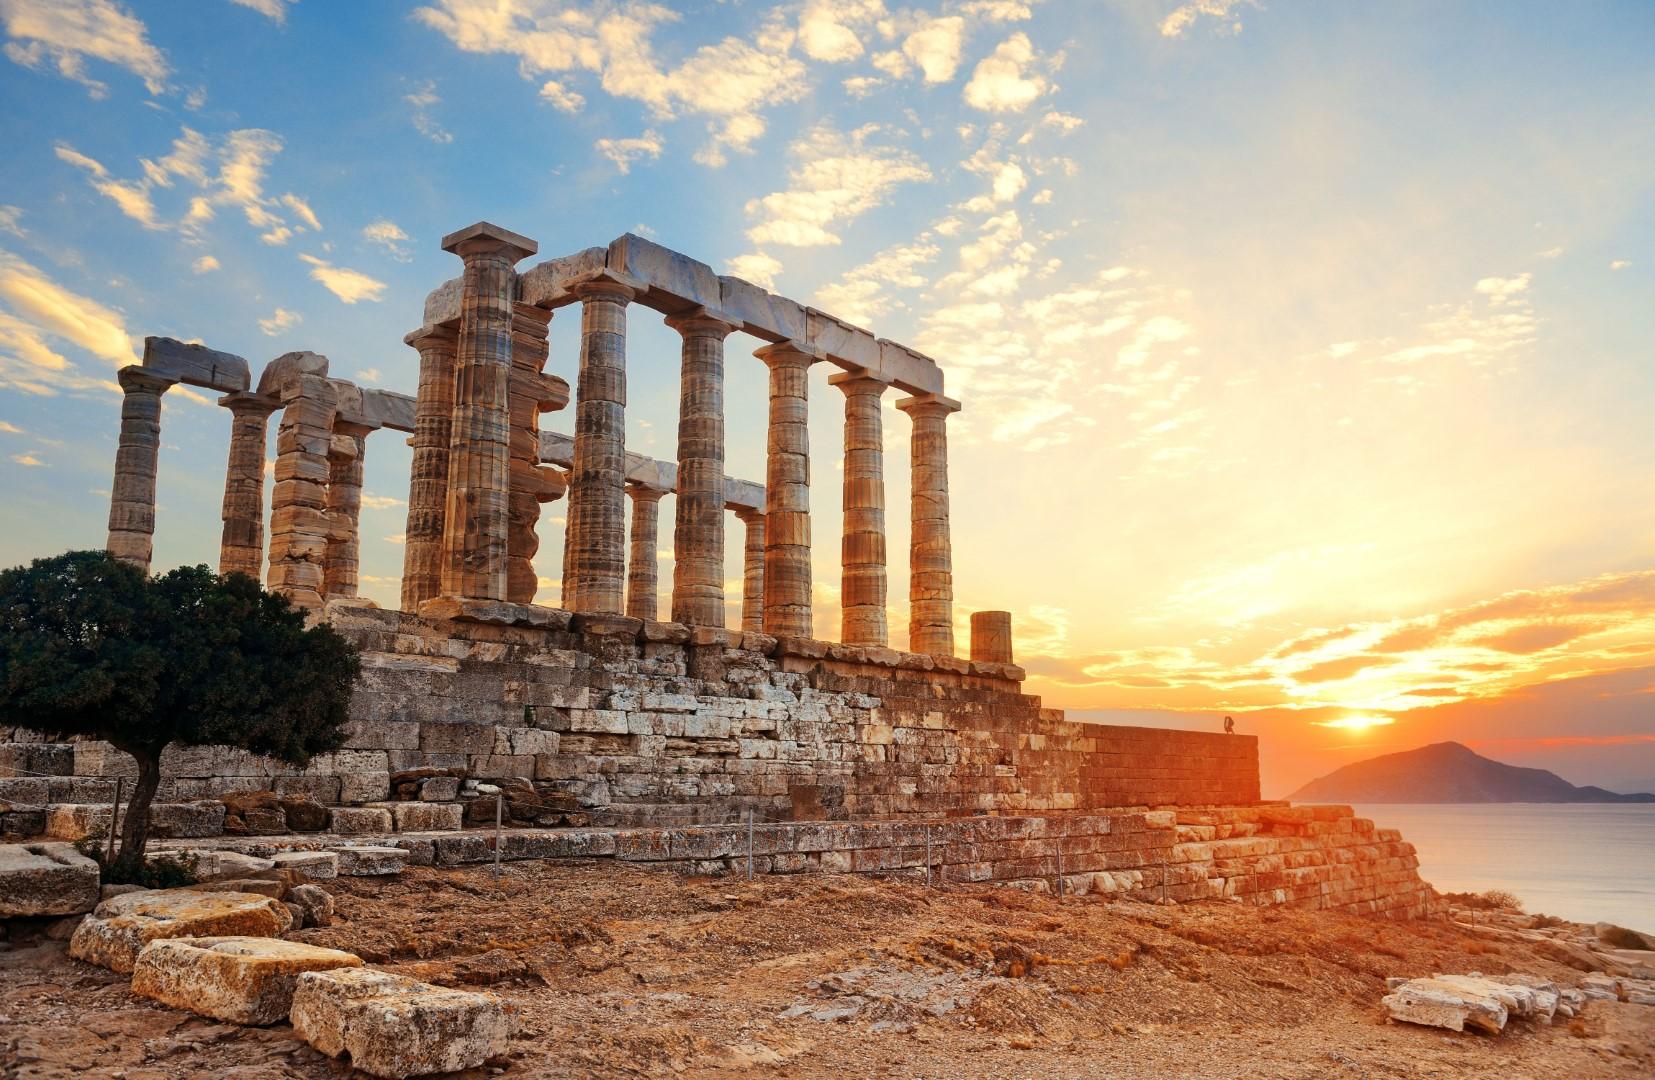 Ελλάδα: Σημαντικές ειδήσεις για τον Δεκέμβριο 2019